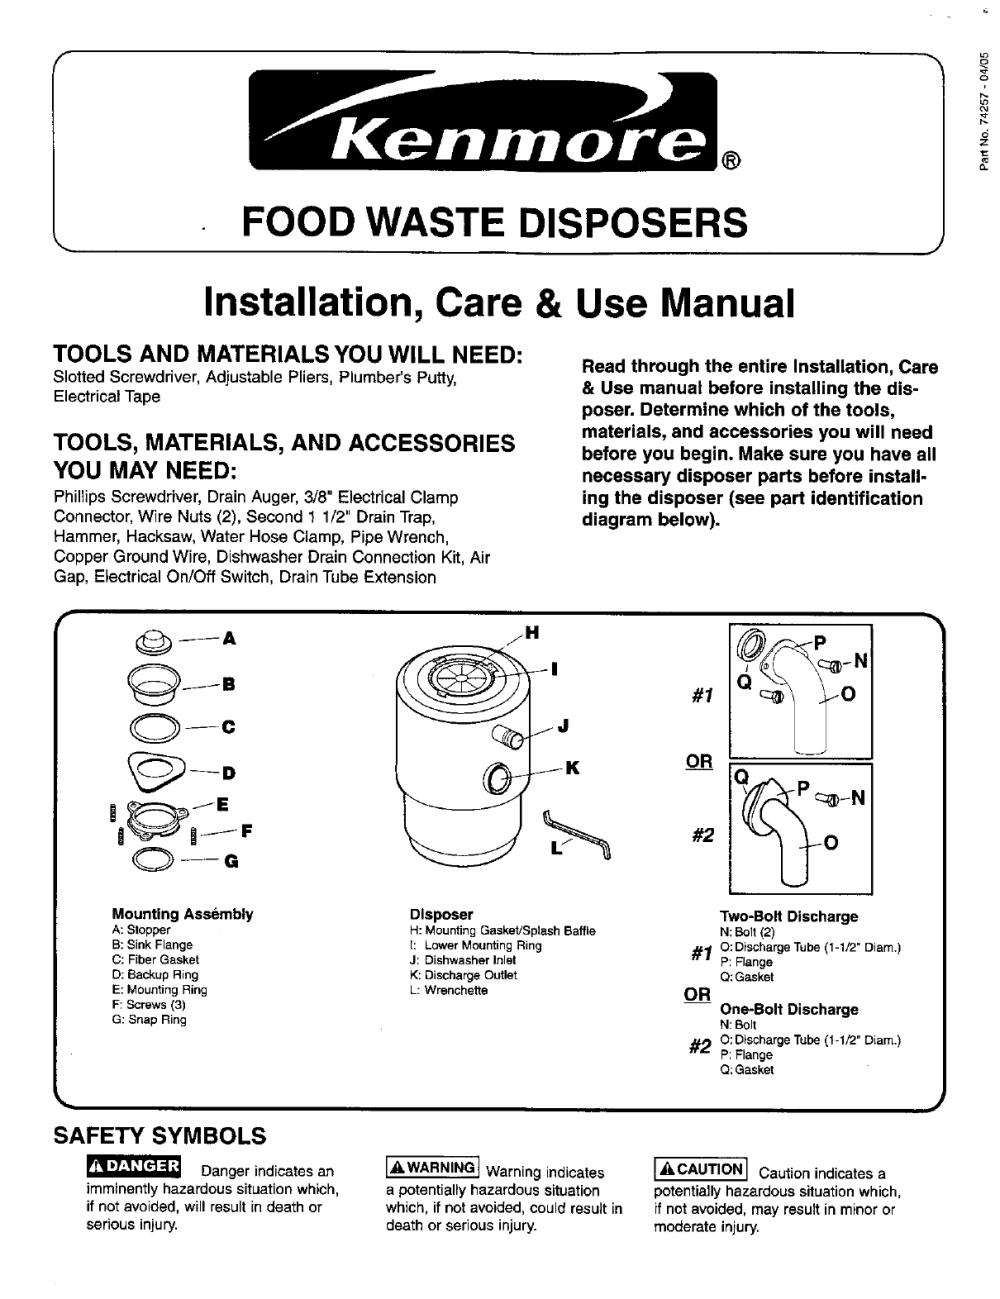 medium resolution of kenmore garbage disposal manual l0411040 kenmore garbage disposal owner s manual kenmore garbage disposal installation guides